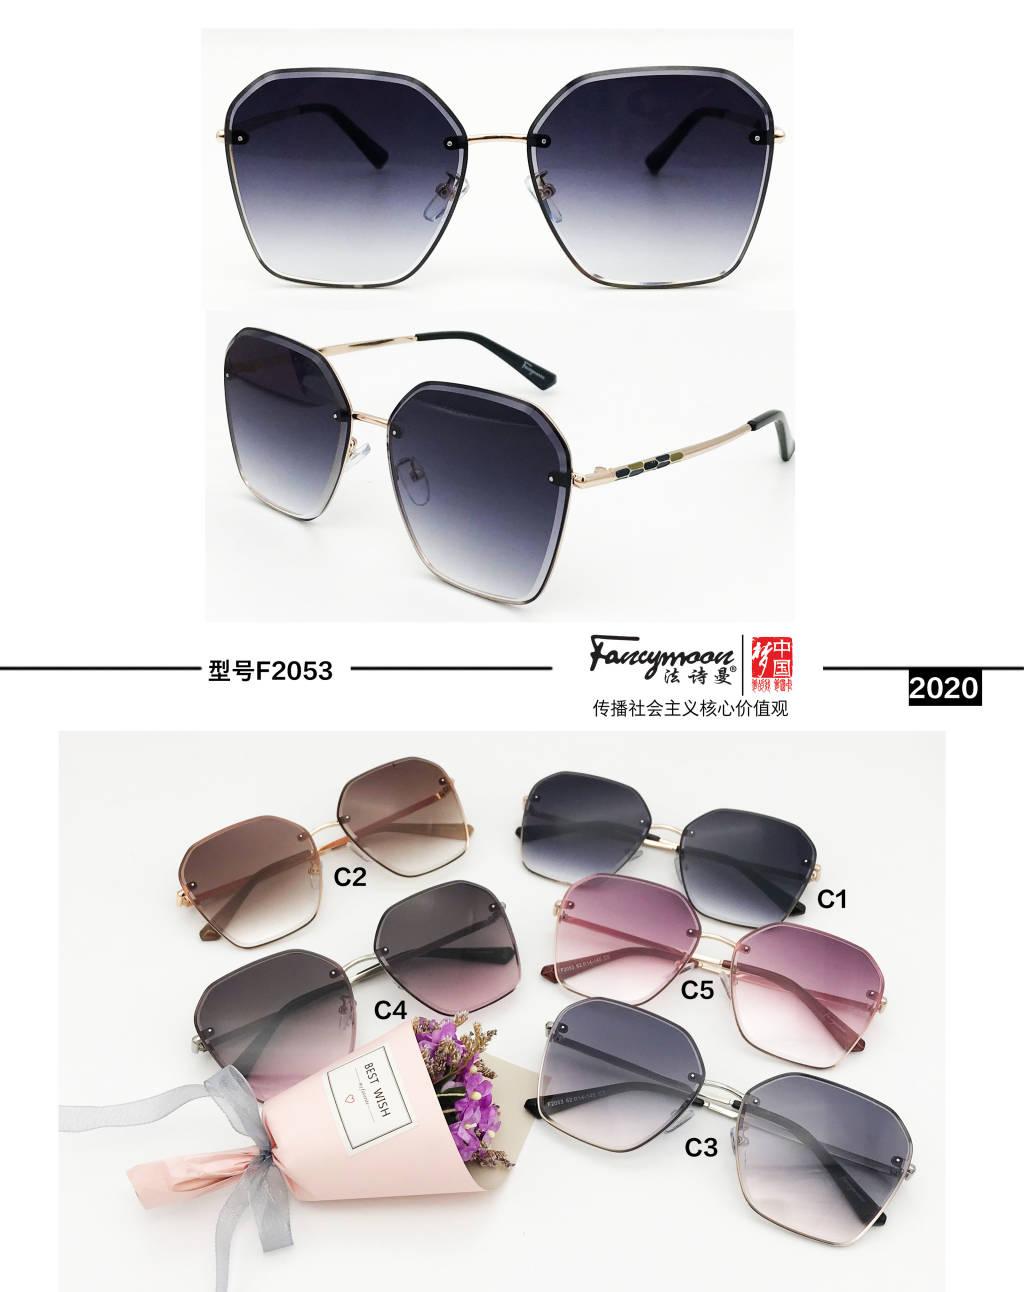 义乌好货 法诗曼轻盈时尚复古方形太阳镜偏光镜大框中国梦产品